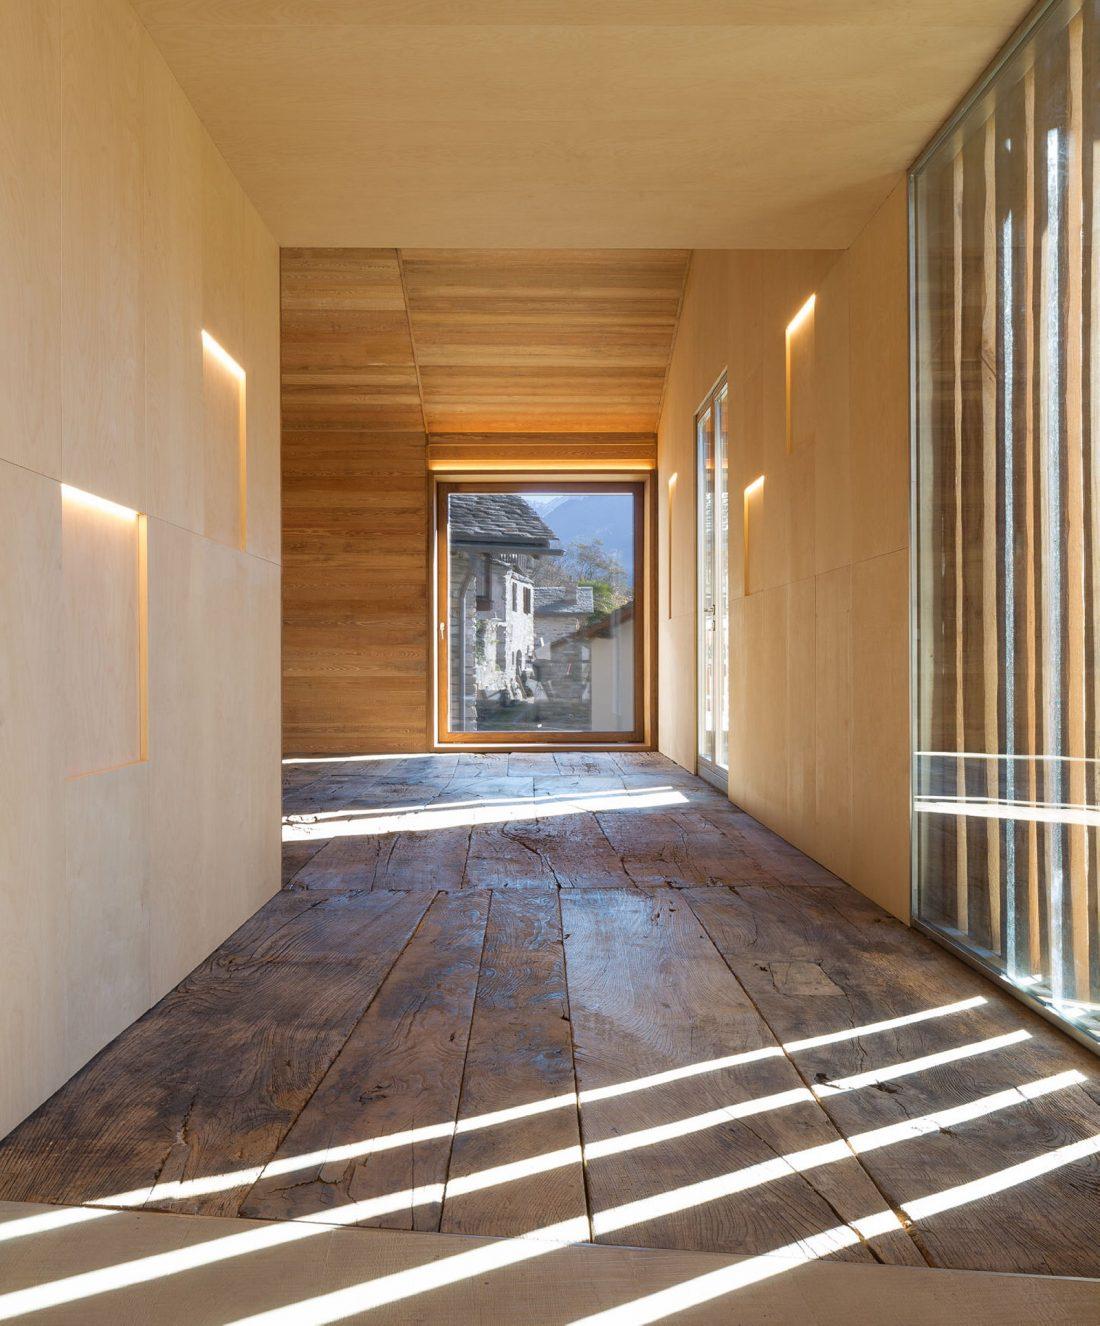 Реставрация старинного дома 16 века в Швейцарии по проекту Vudafieri Saverino Partners 12